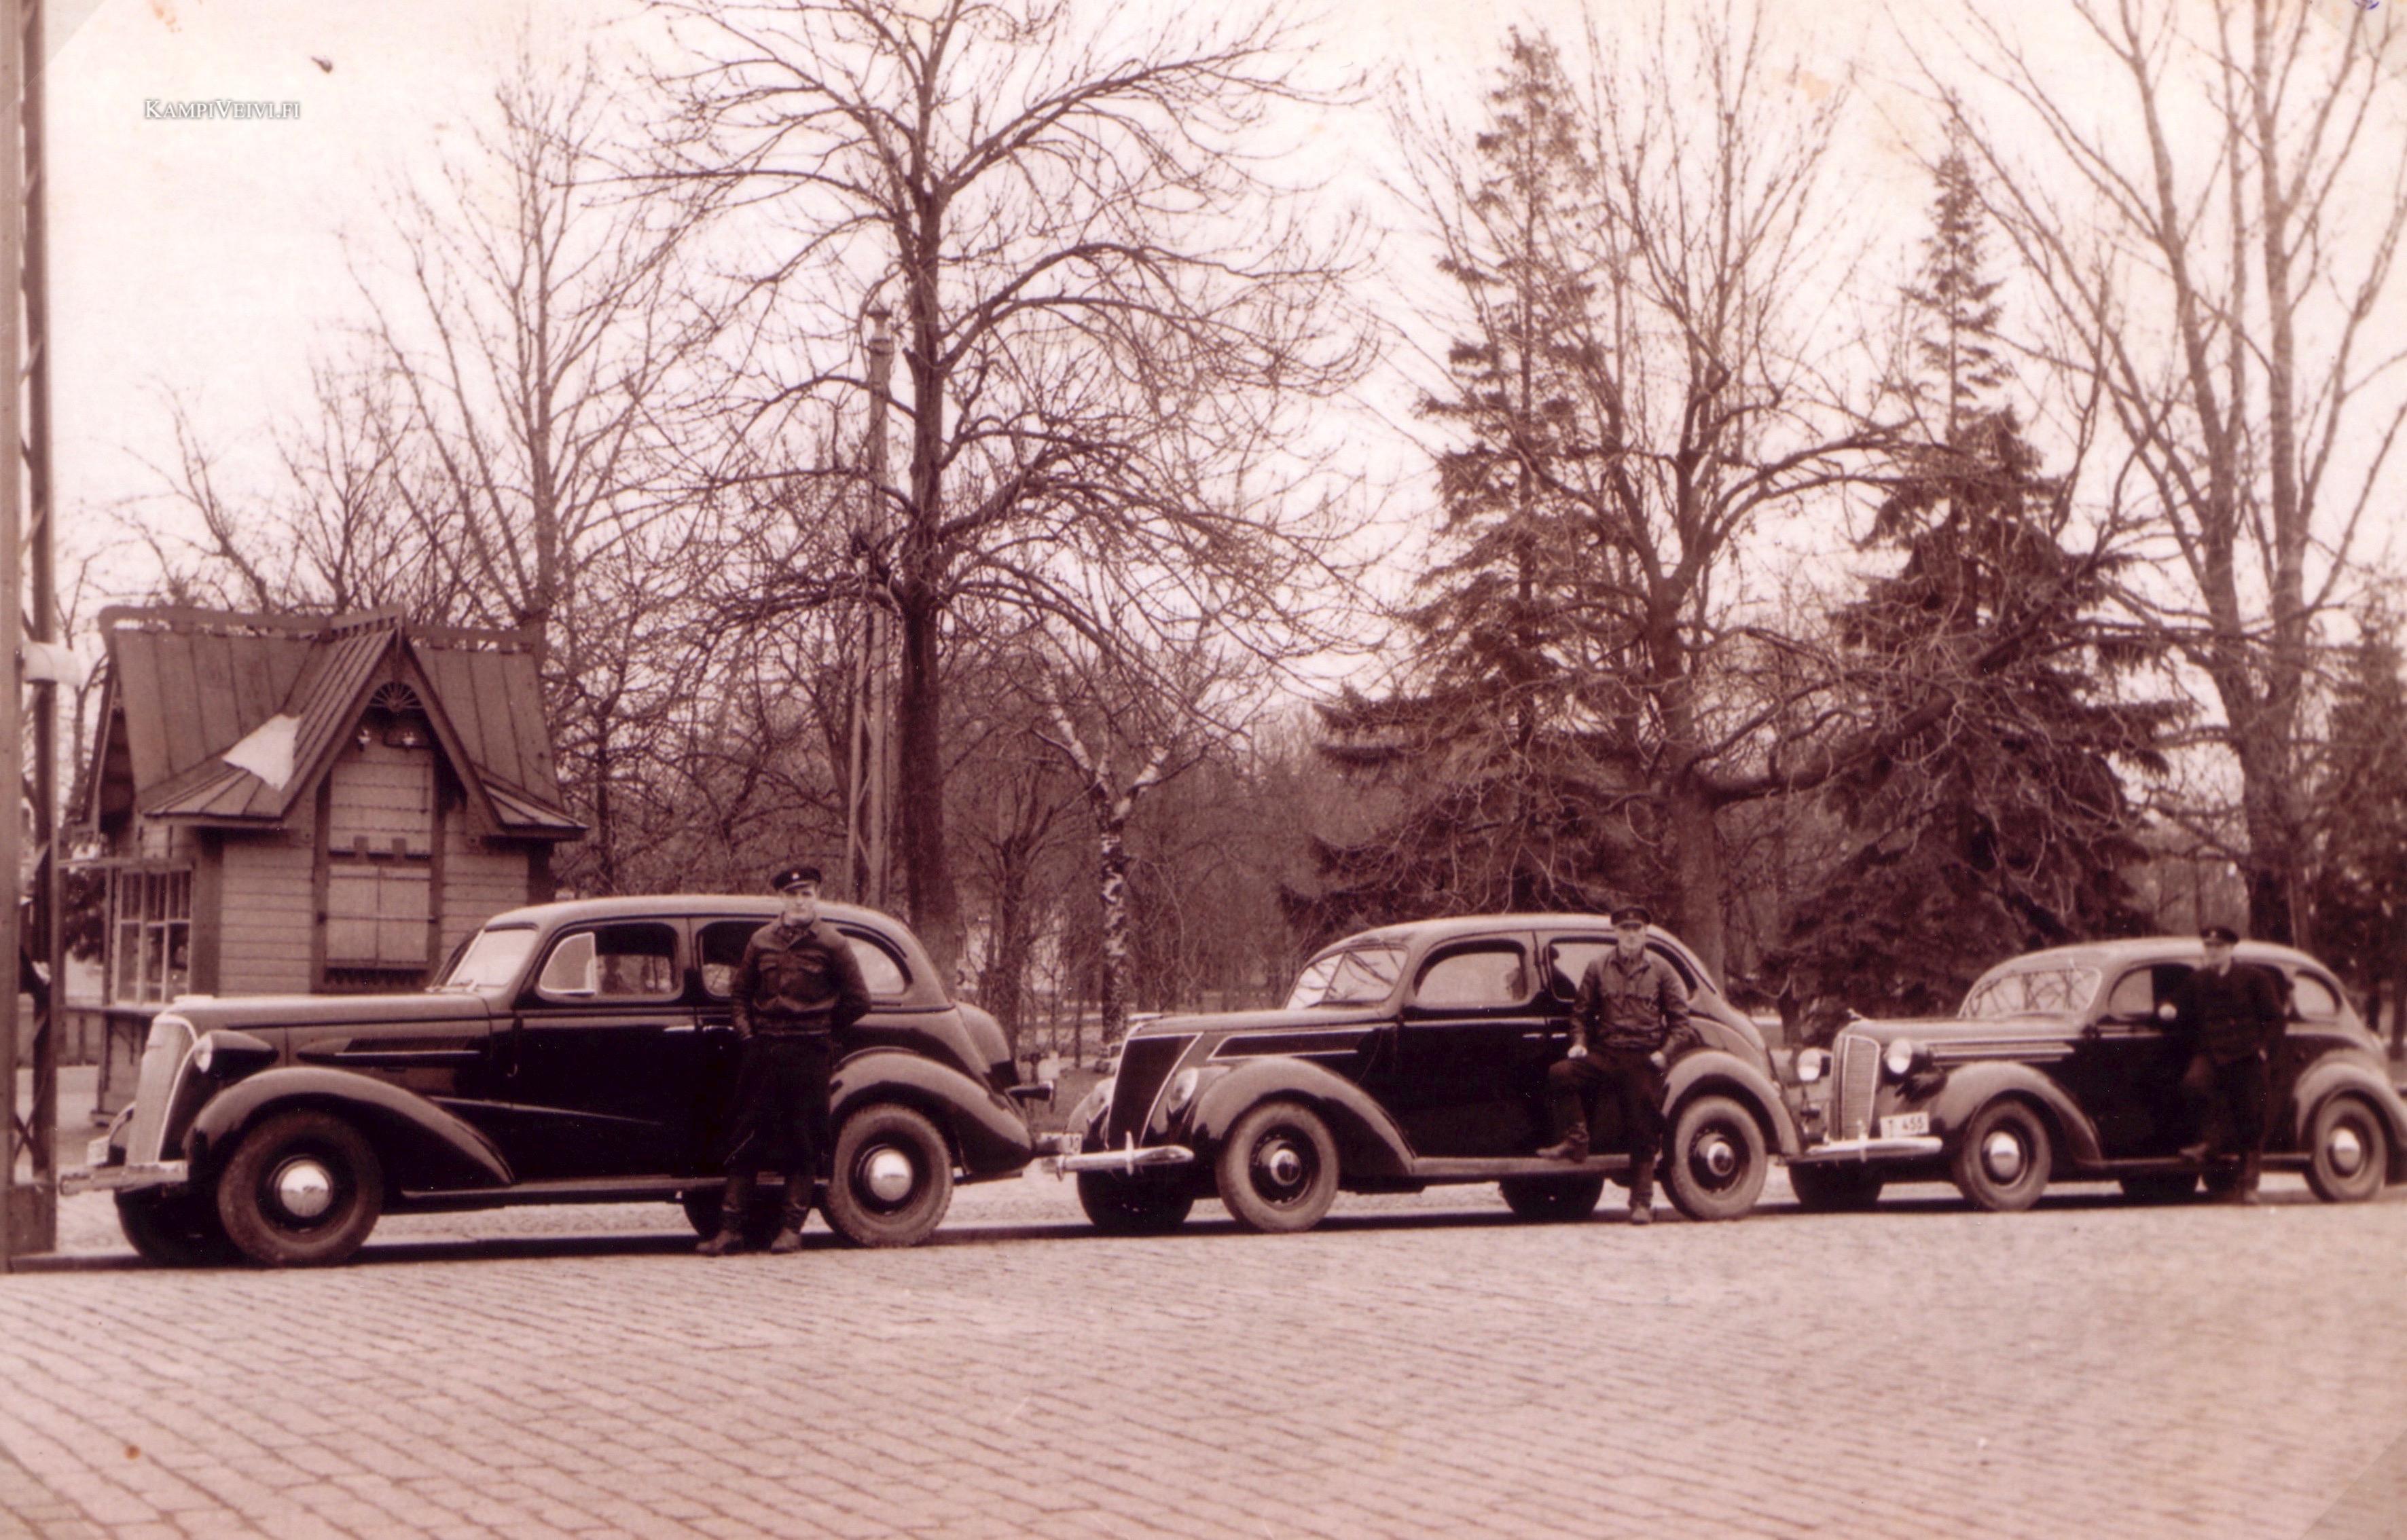 1937 Chevrolet, Ford ja Dodge taksit, kuvattu Kupittaan vuokra-autoasemalla 1937.